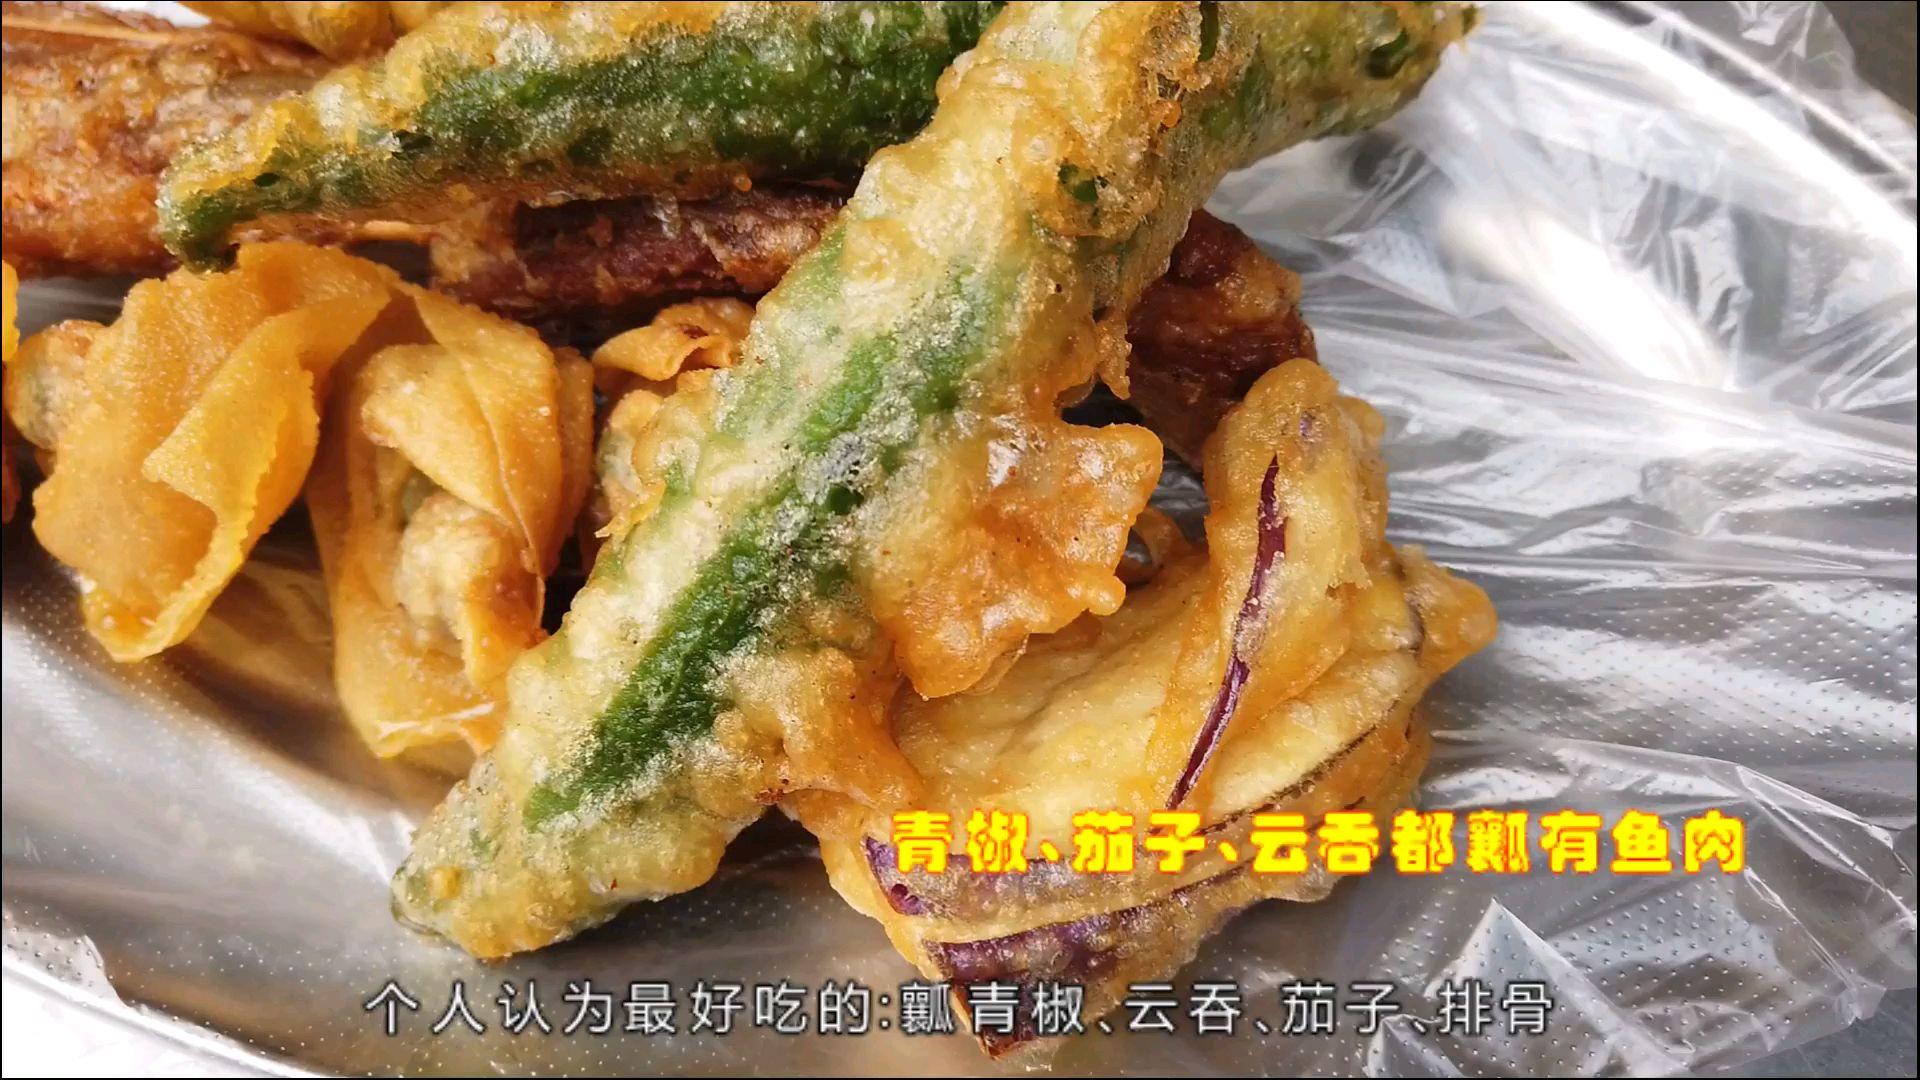 广东顺德这个渡口的牛杂炸物,你吃过吗?